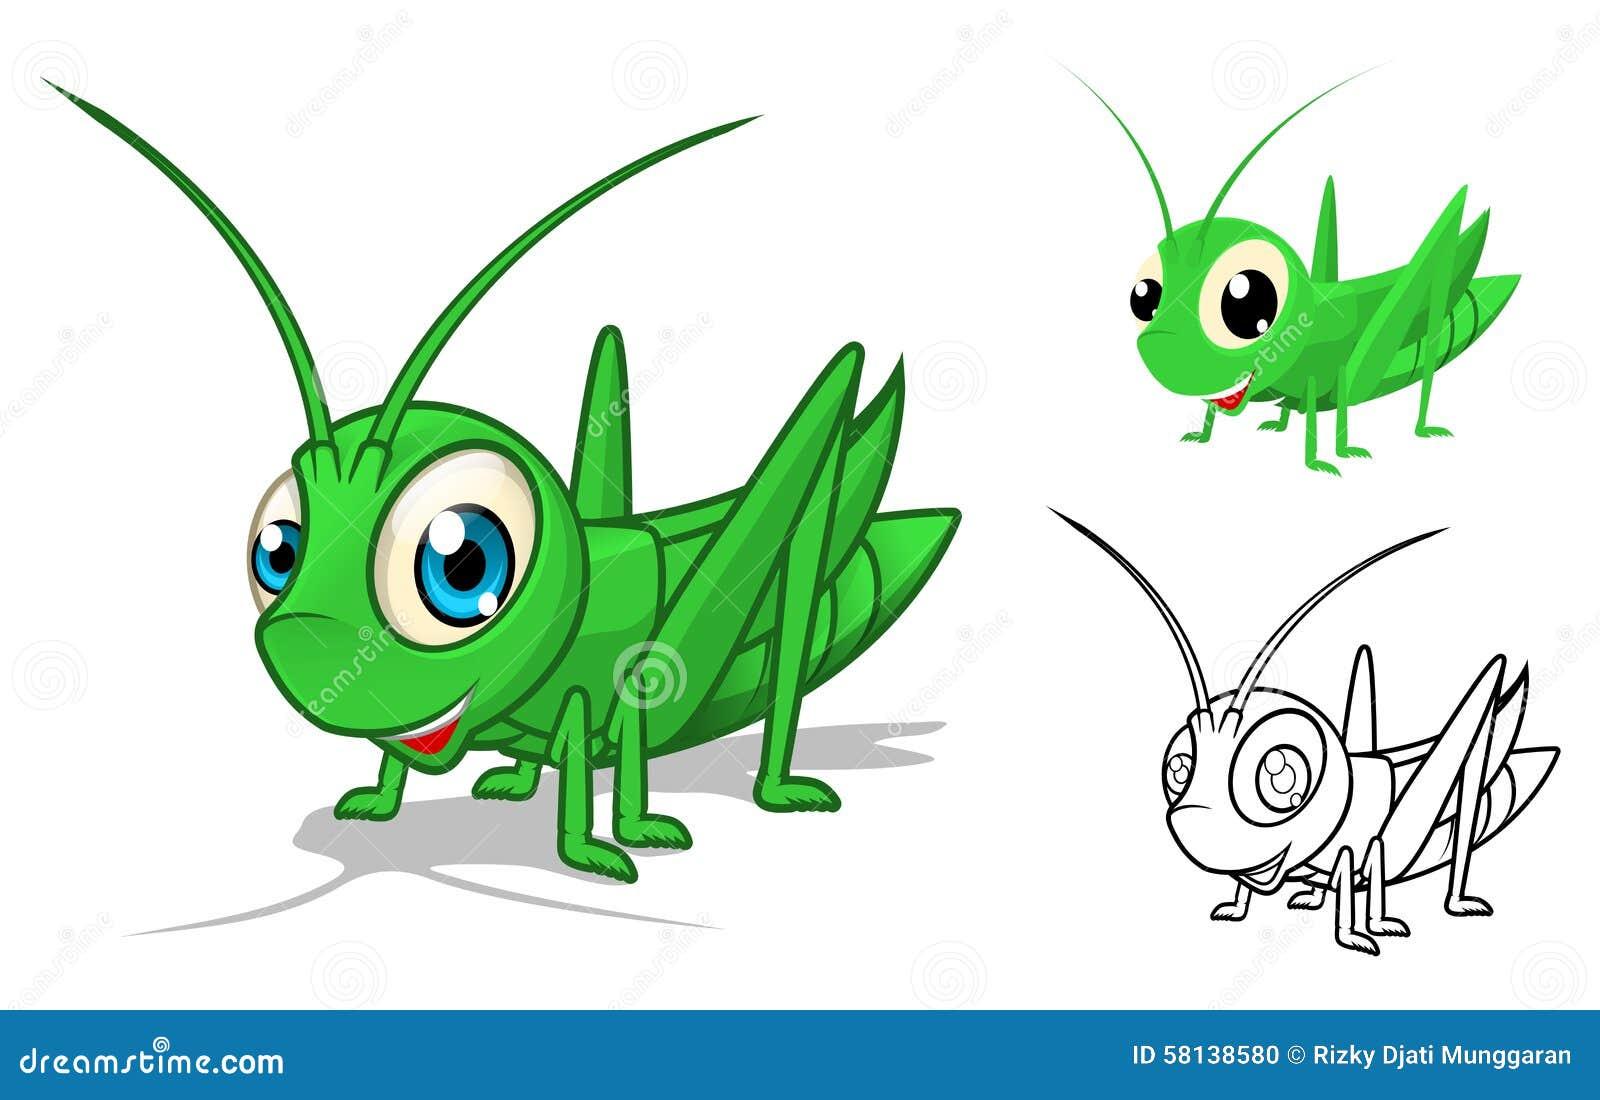 Personnage de dessin animé détaillé sauterelle avec la